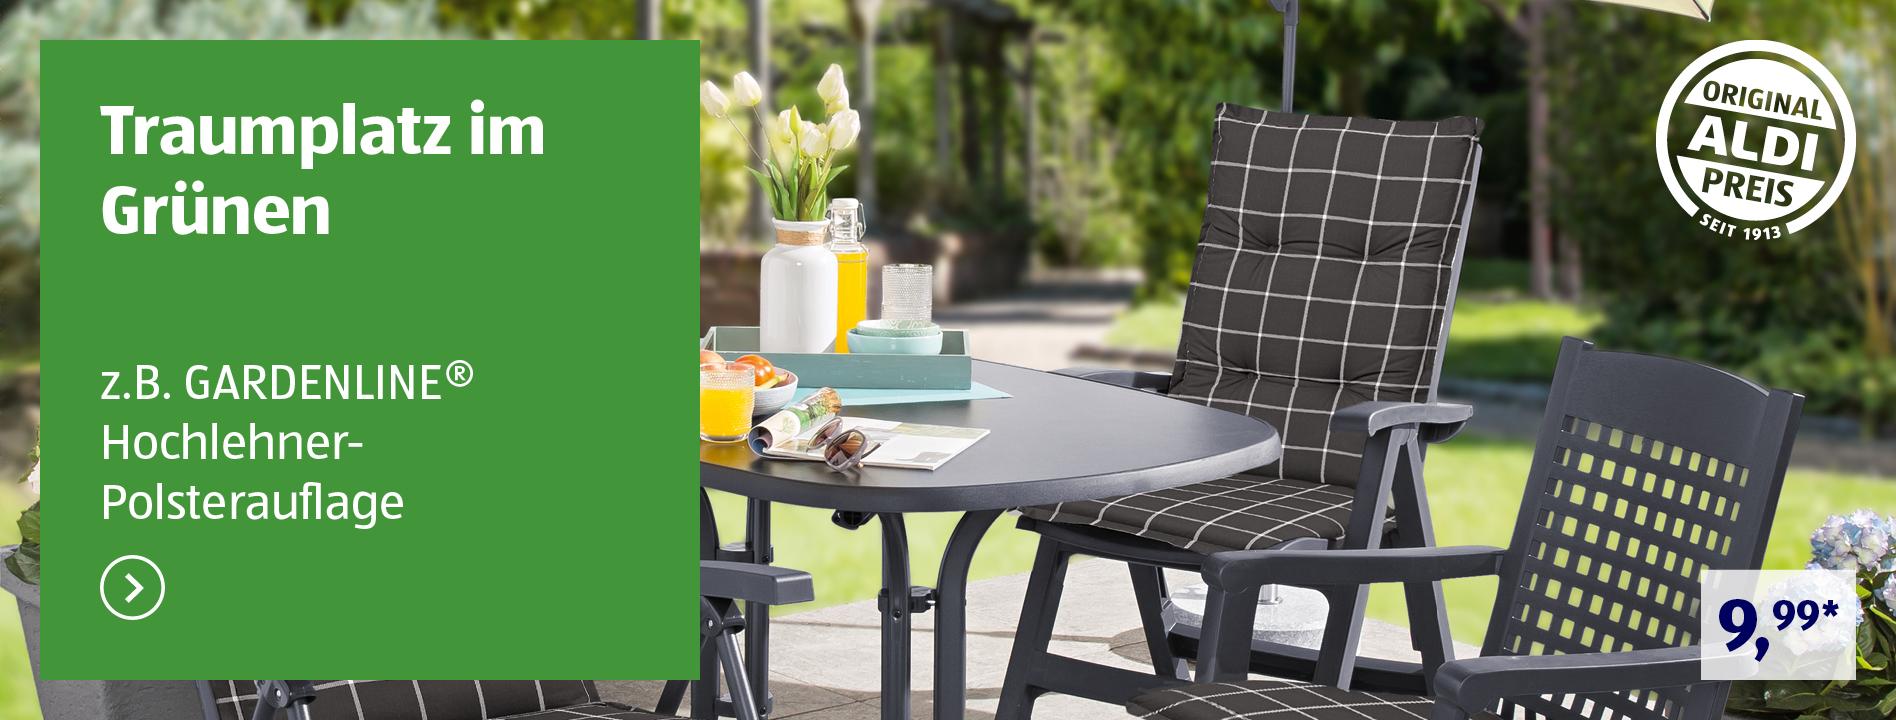 Full Size of Aldi Gartenliege 2019 Nord 2018 Gartenliegen Auflage 2020 Xxl Sd Angebote Ab Do Relaxsessel Garten Wohnzimmer Aldi Gartenliege